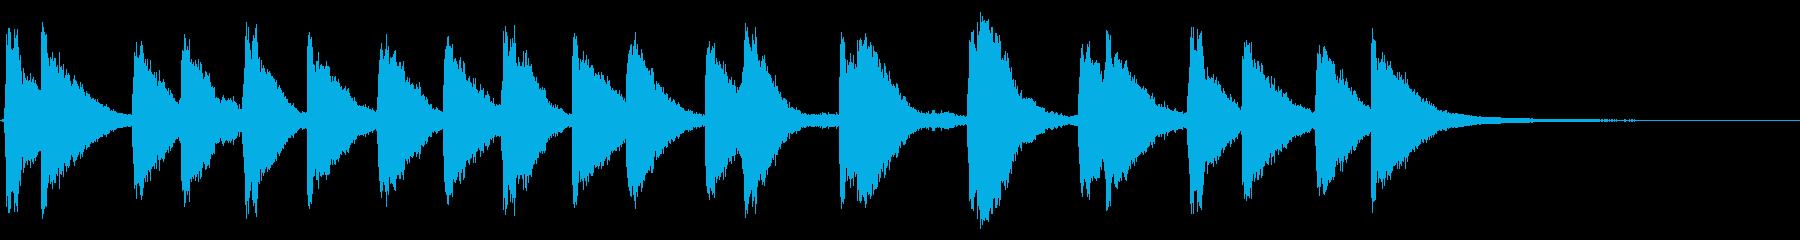 メルトン教会、2つの鐘:リンギングの再生済みの波形